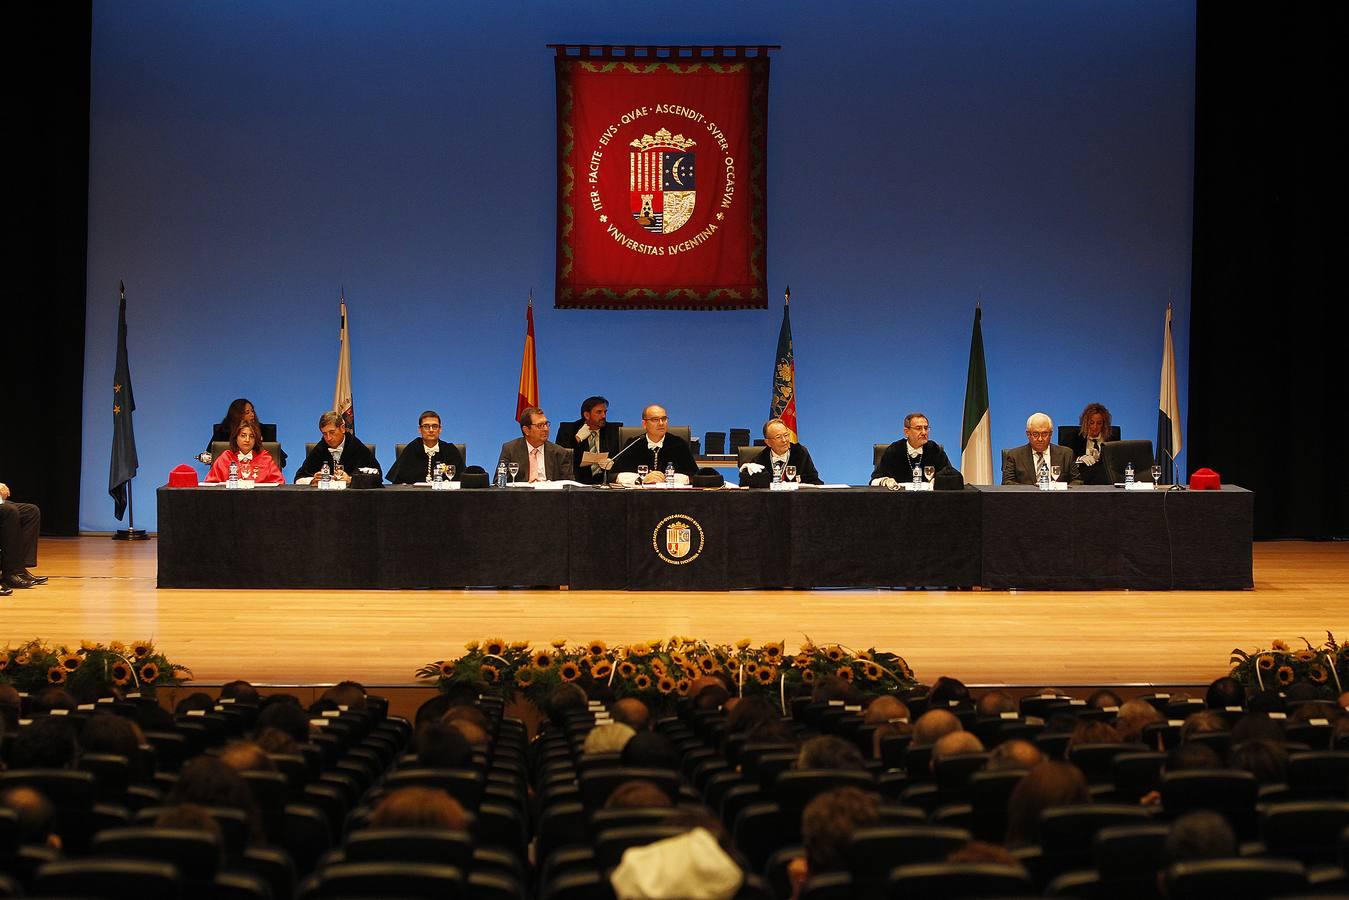 Acto de apertura del curso académico en la Universidad de Alicante